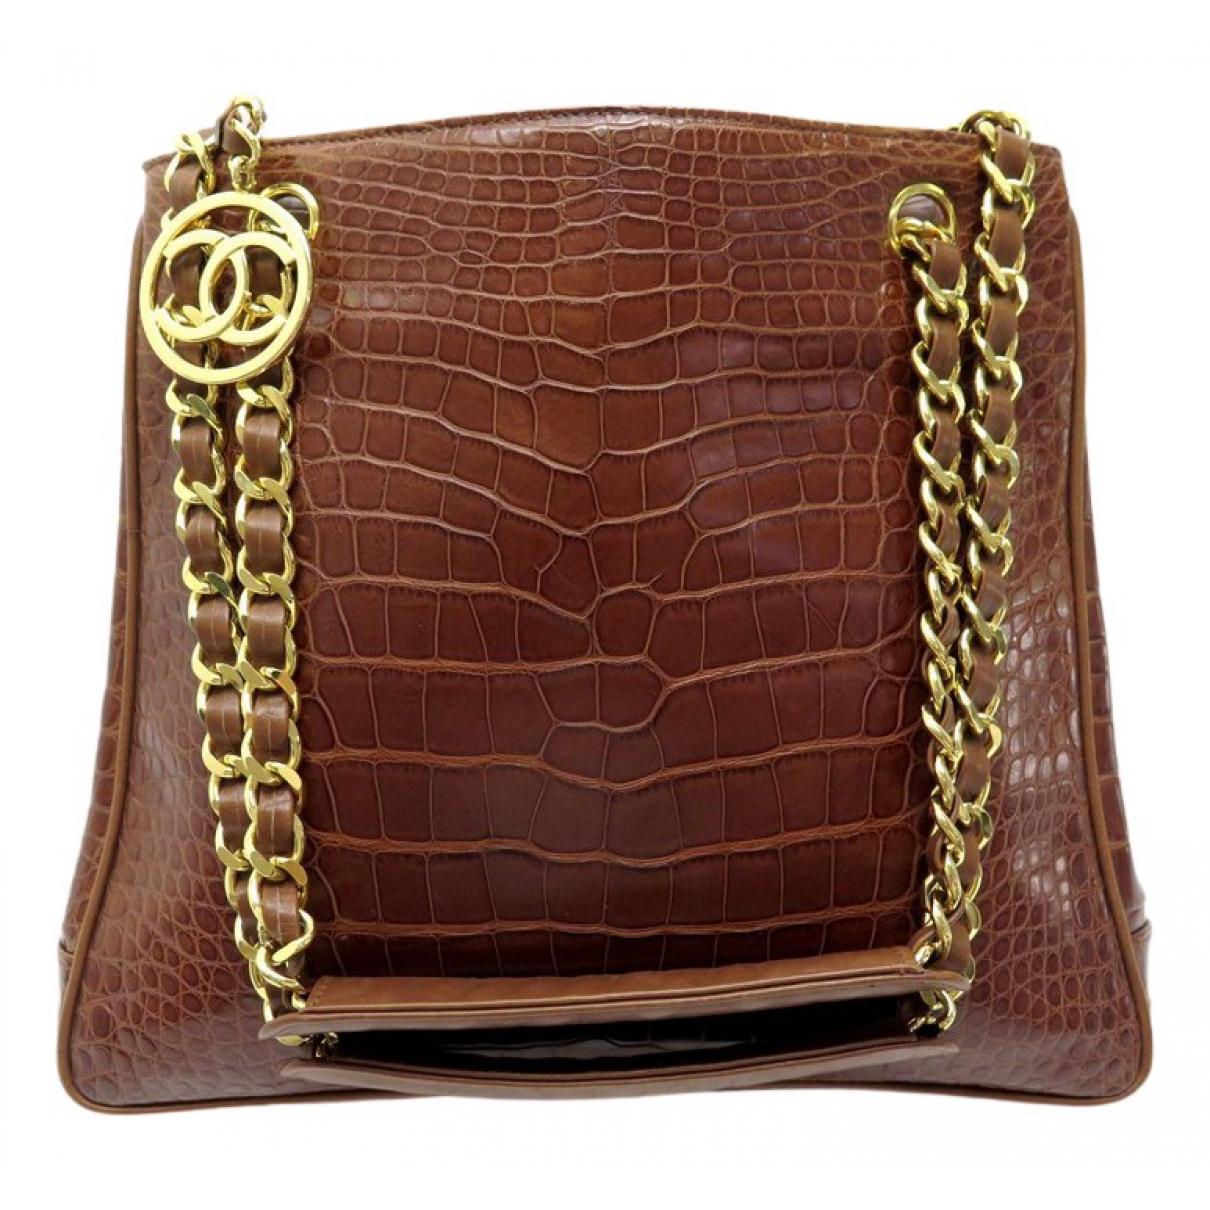 Chanel \N Handtasche in  Braun Exotenleder